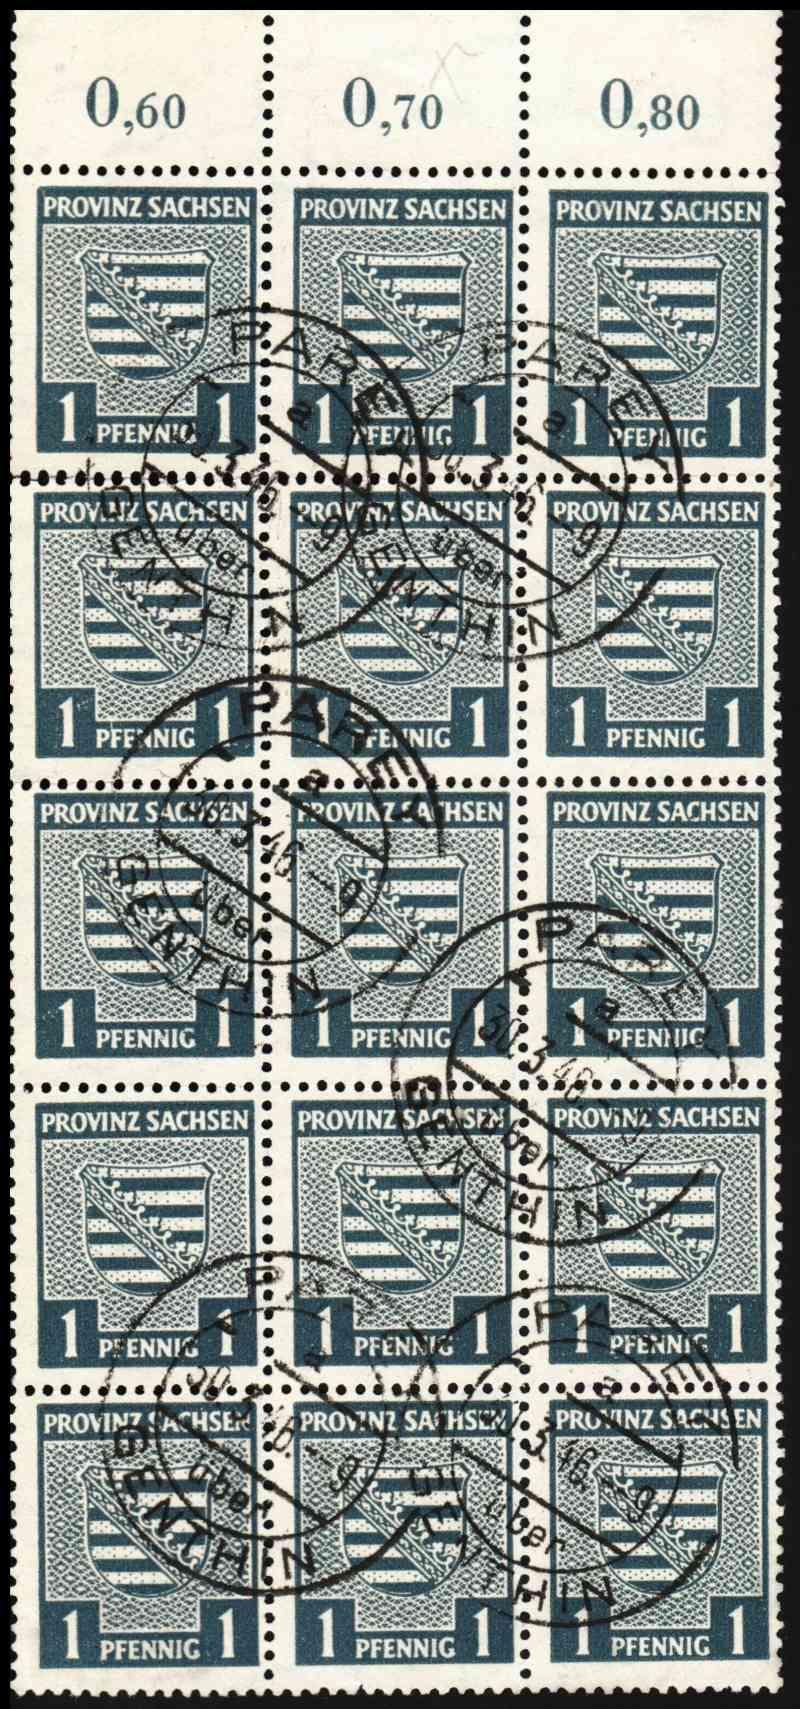 1945 - Deutschland  -  Landpoststempel (Poststellenstempel) Psr210